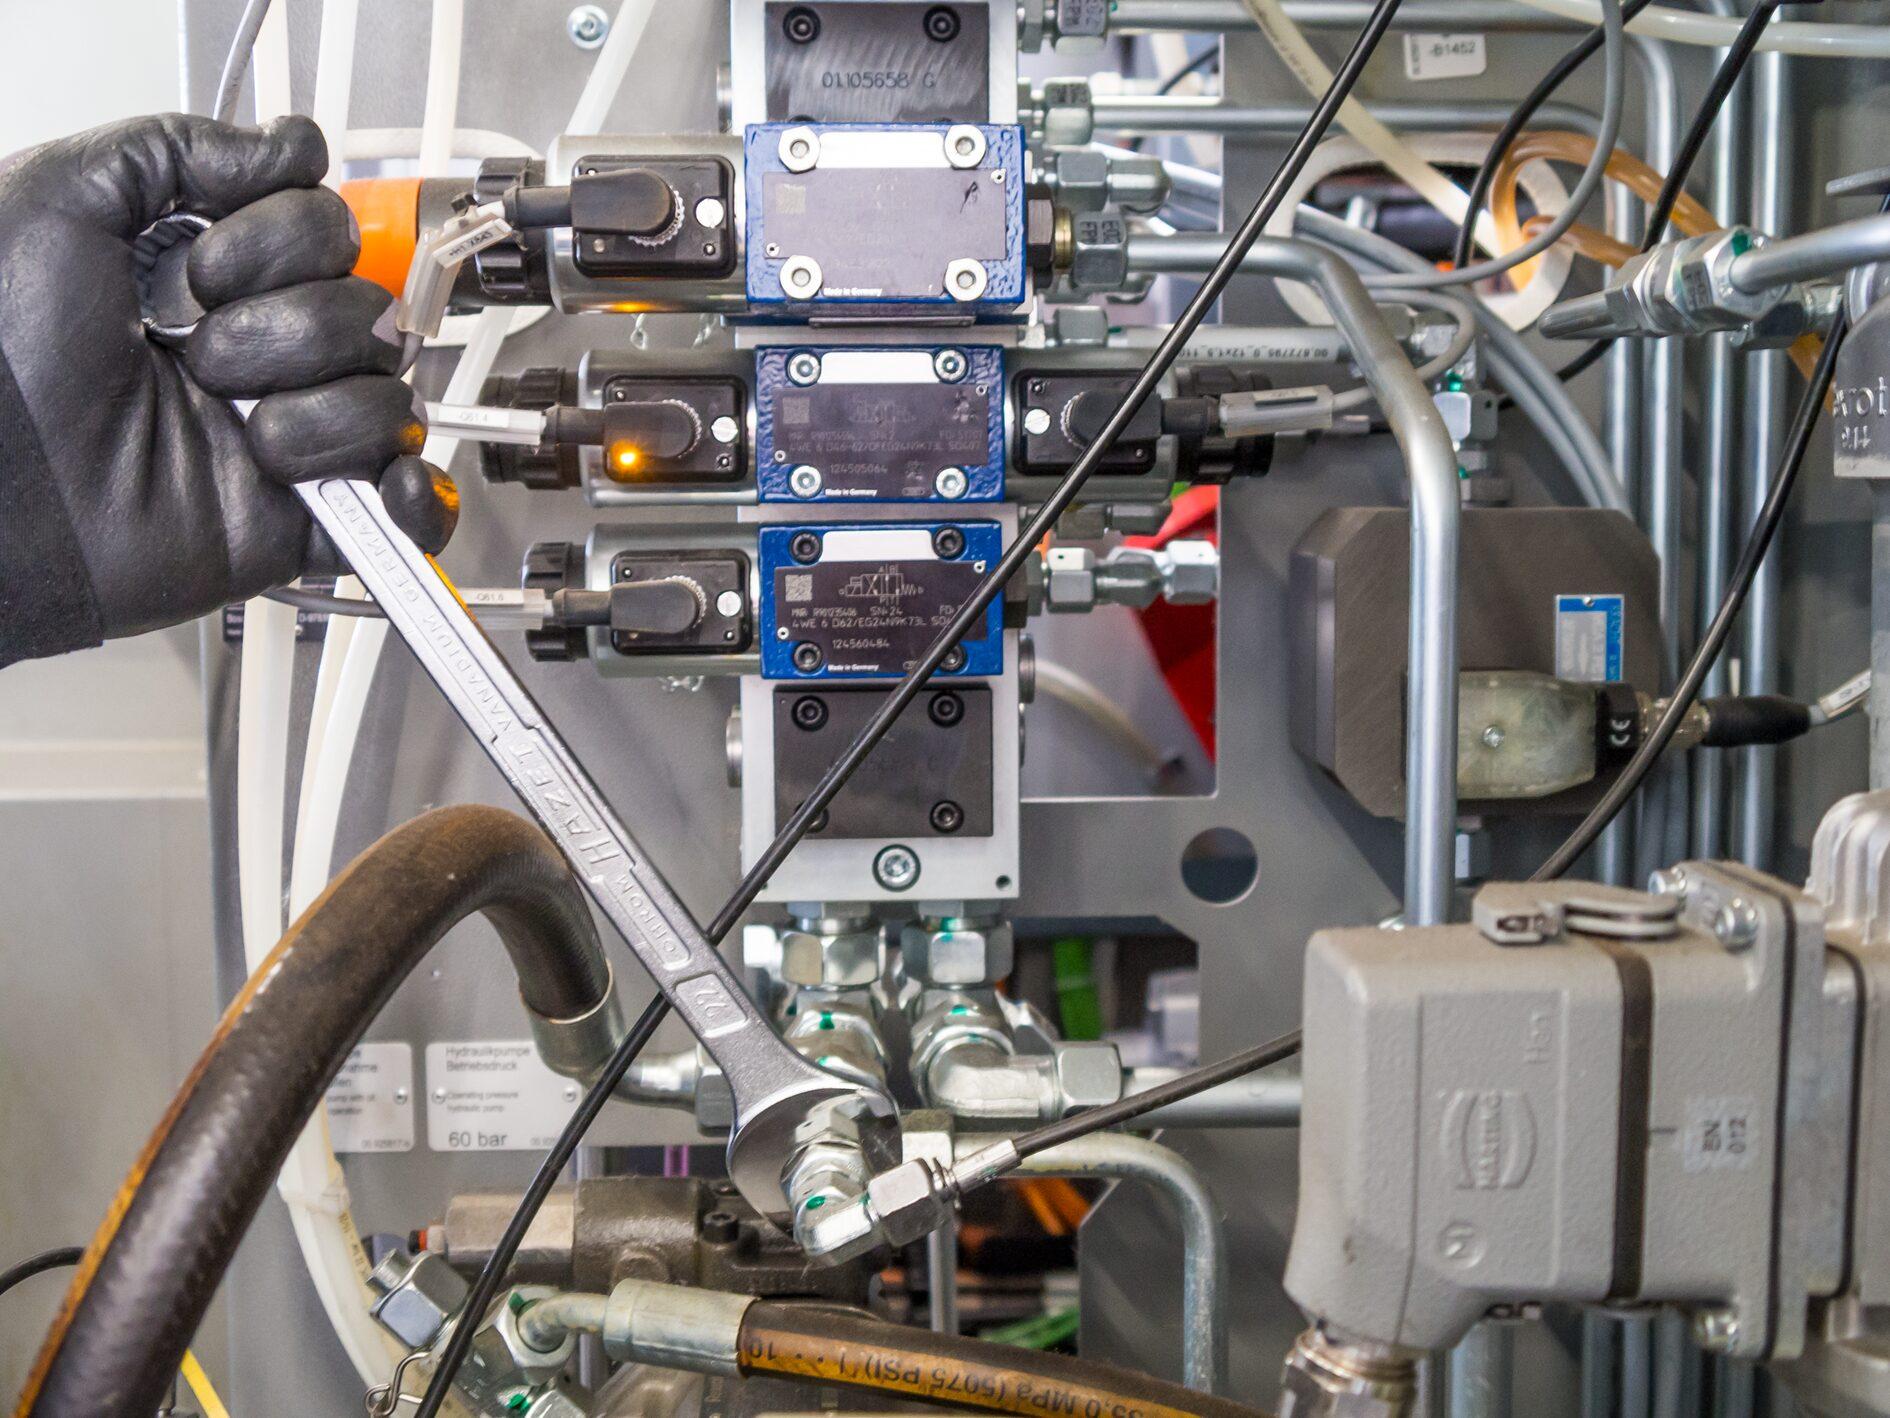 HAZET Ring-Maulschlüssel 600N-36 ∙ Außen-Doppel-Sechskant-Tractionsprofil ∙ 36 mm